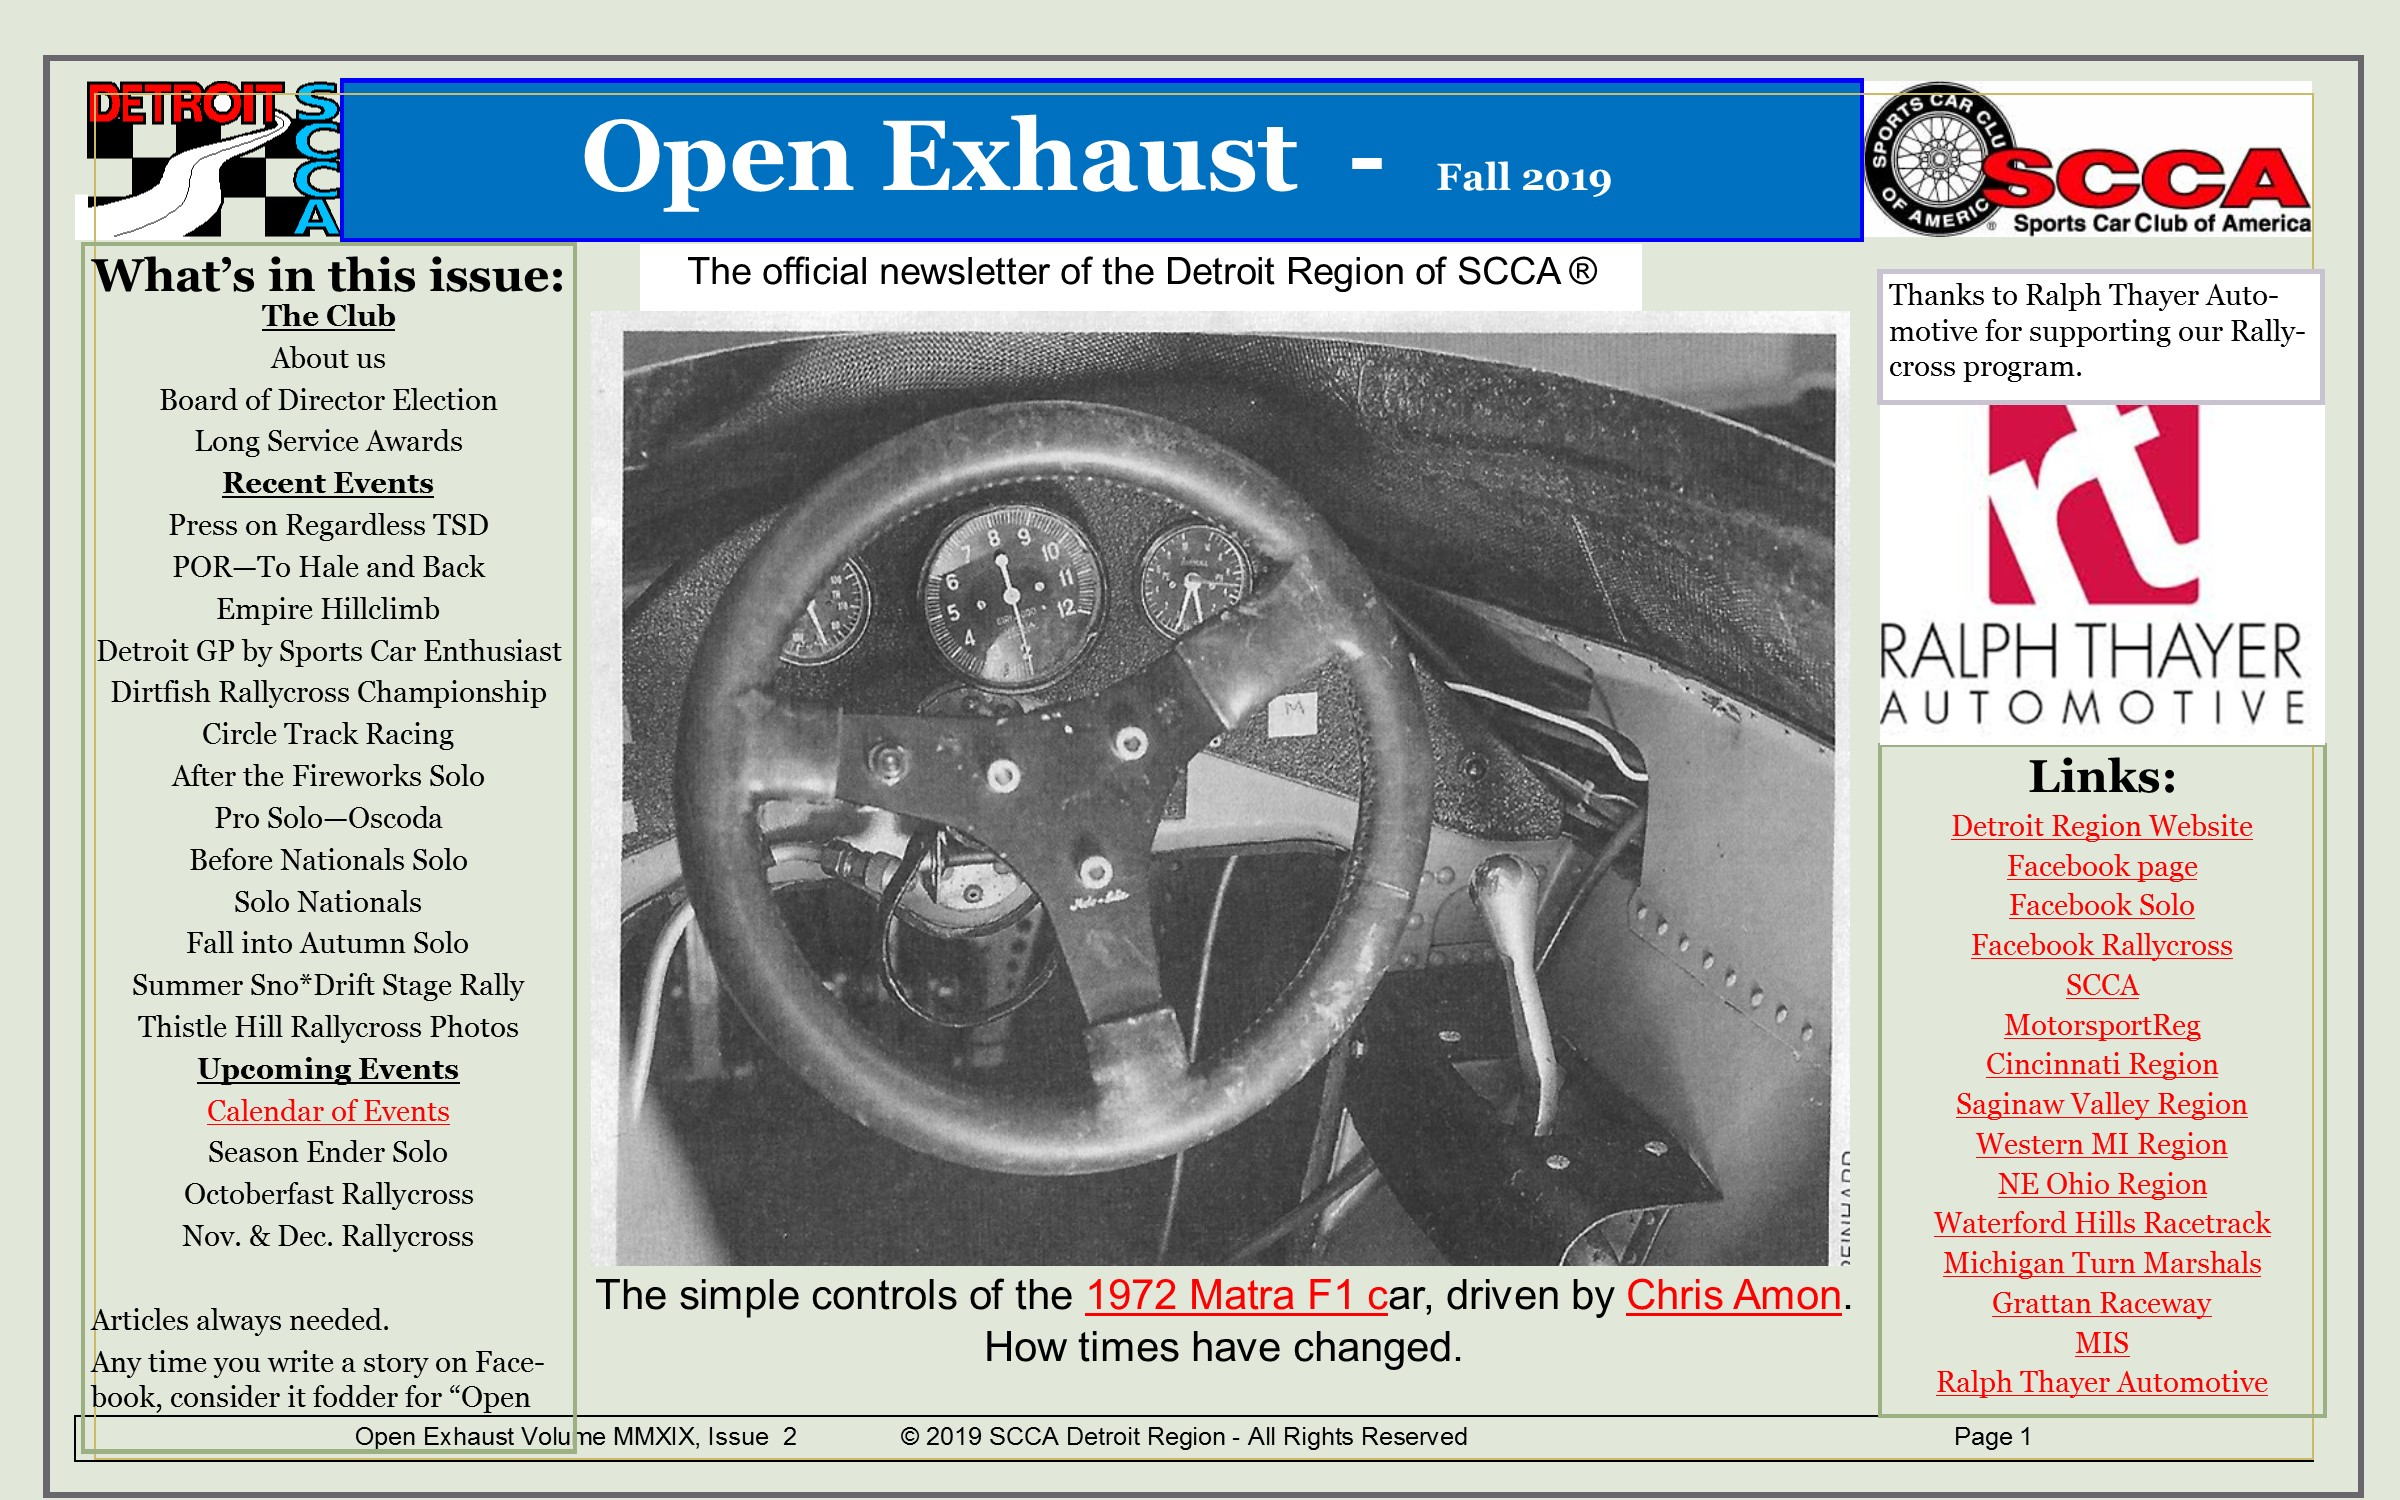 Fall Open Exhaust Newsletter